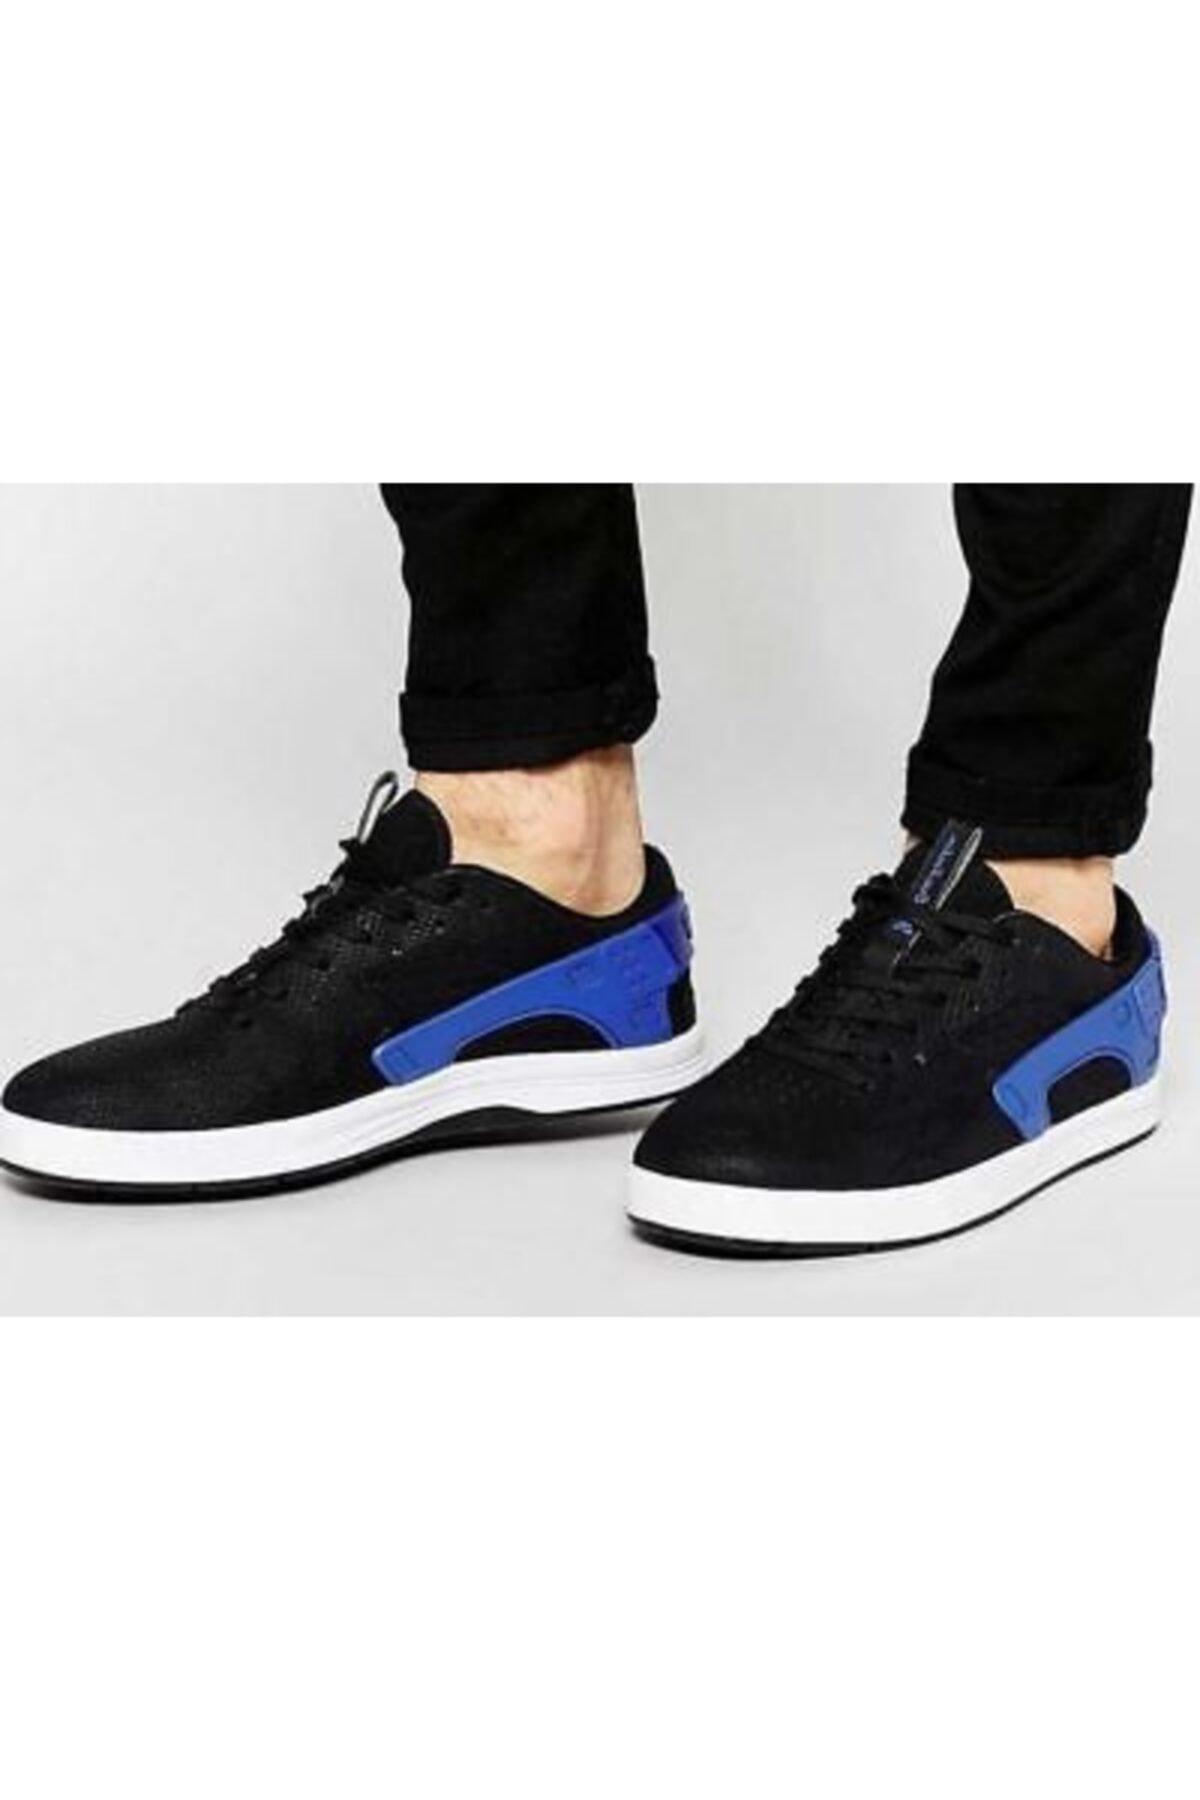 Nike Eric Koston Huarache 1